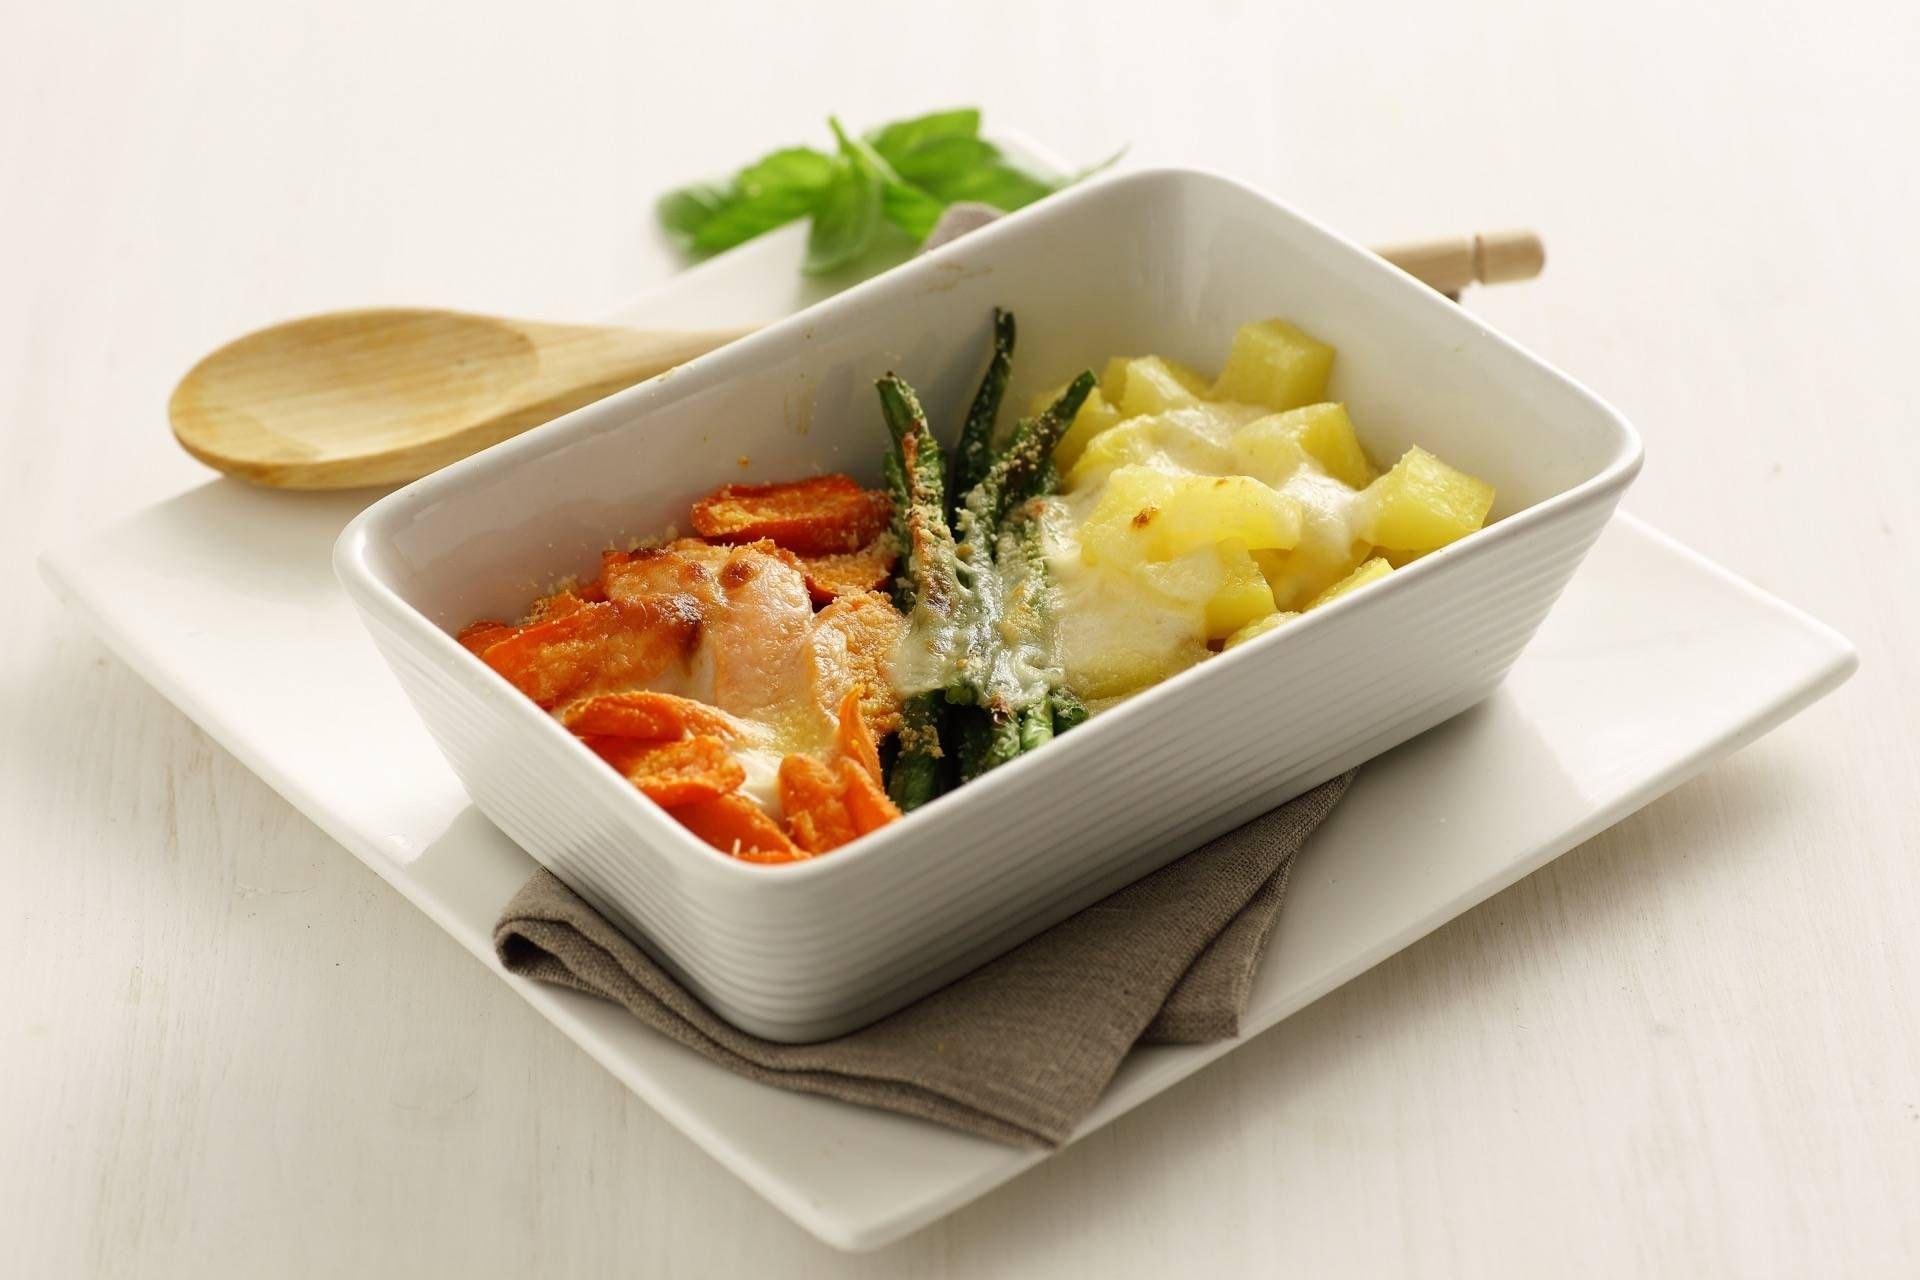 Verdure al forno con besciamella alla senape - Parmalat